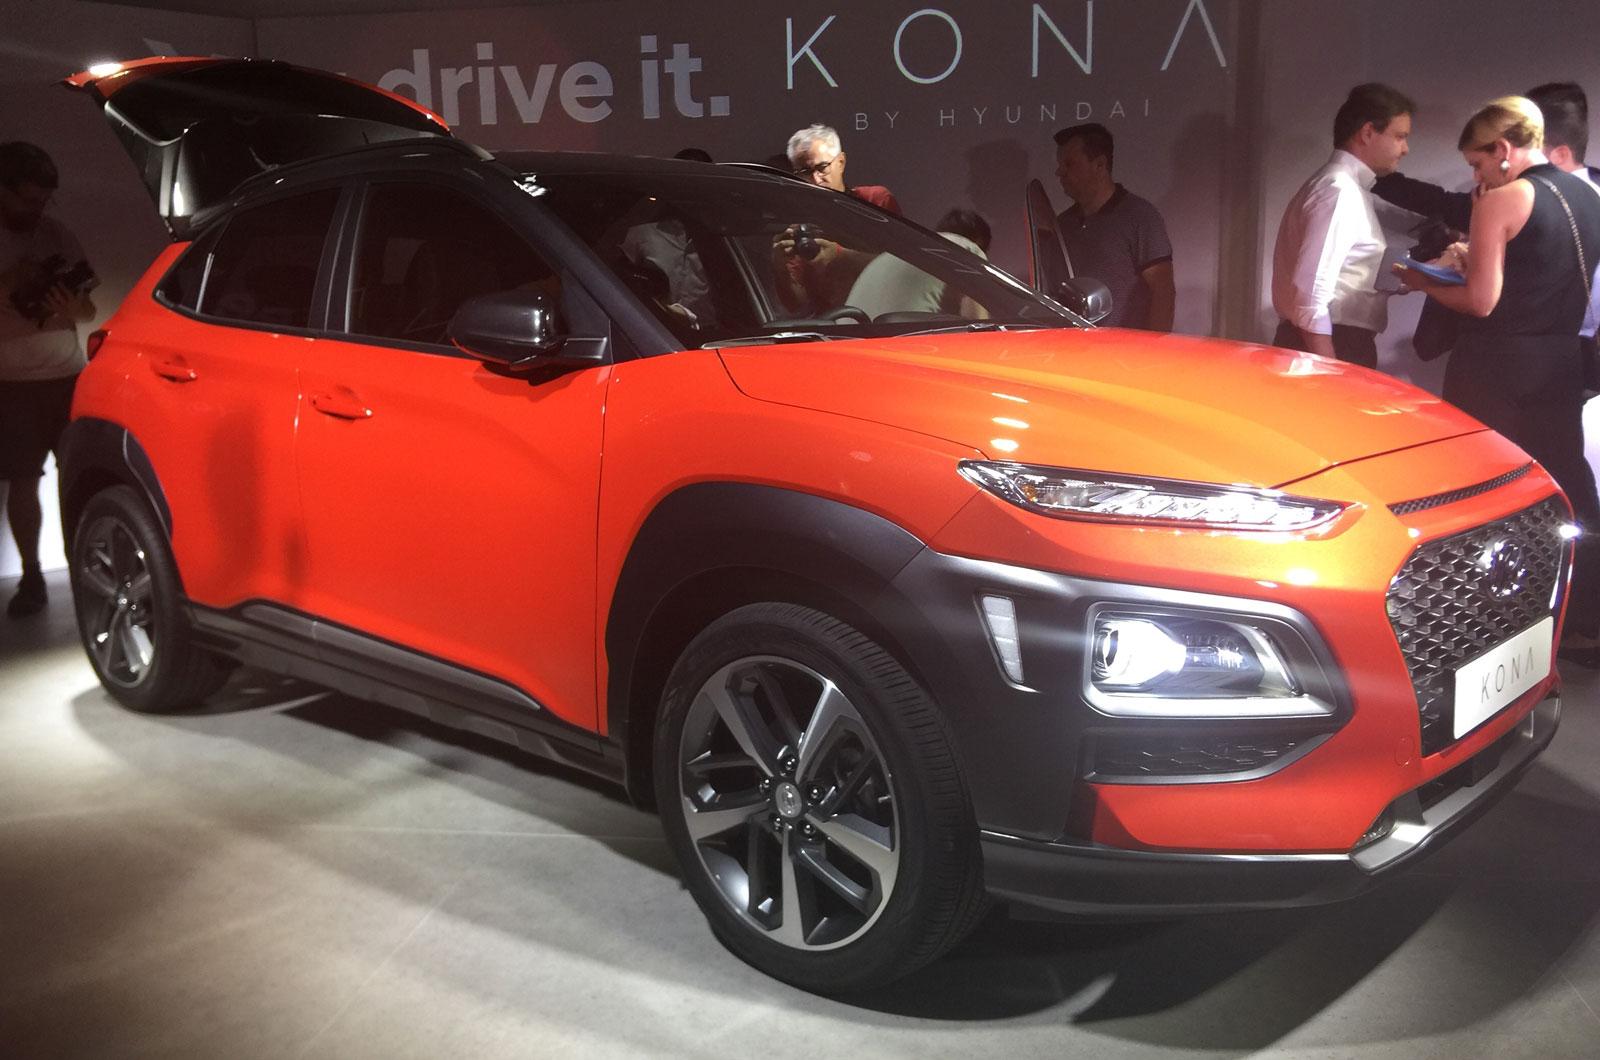 Hyundai Kona продемонстрировала новые европейские фотографии соперника Nissan Juke